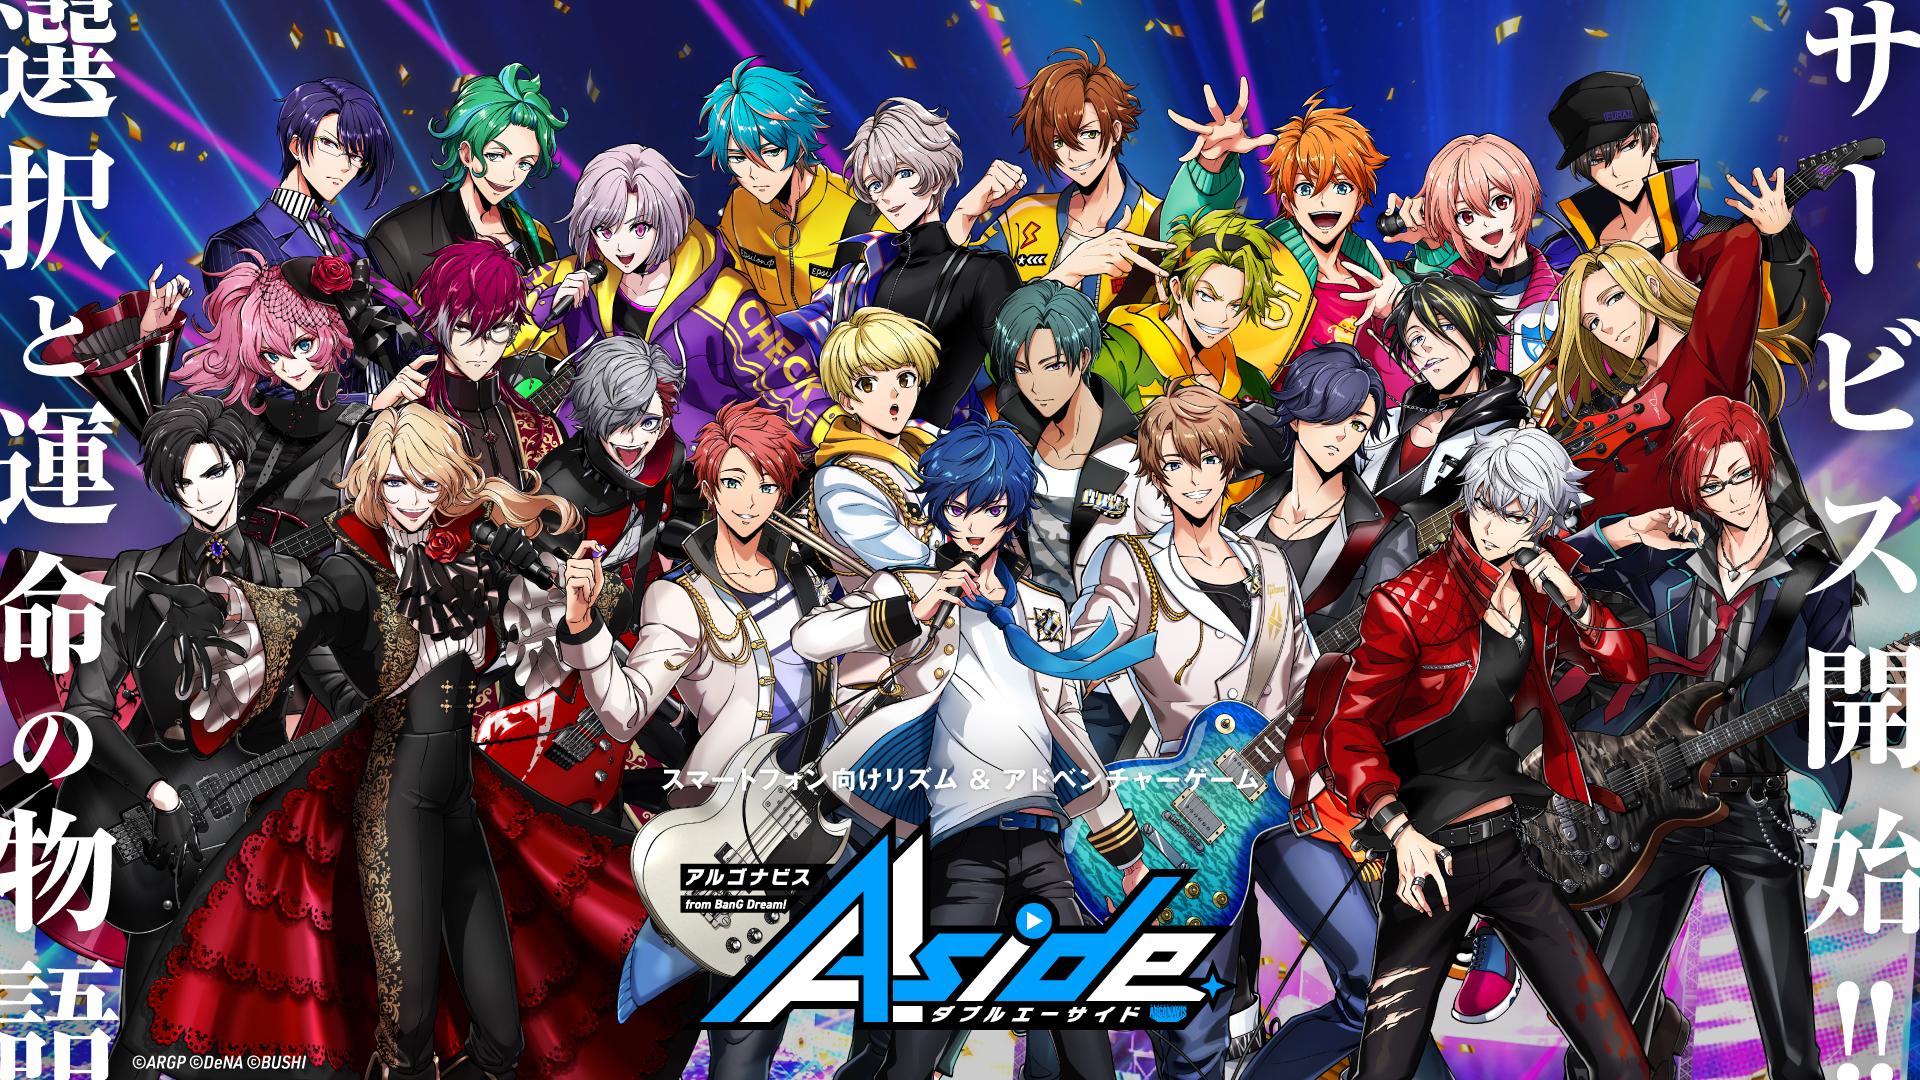 スマートフォン向けリズム&アドベンチャーゲーム『アルゴナビス from BanG Dream! AAside』